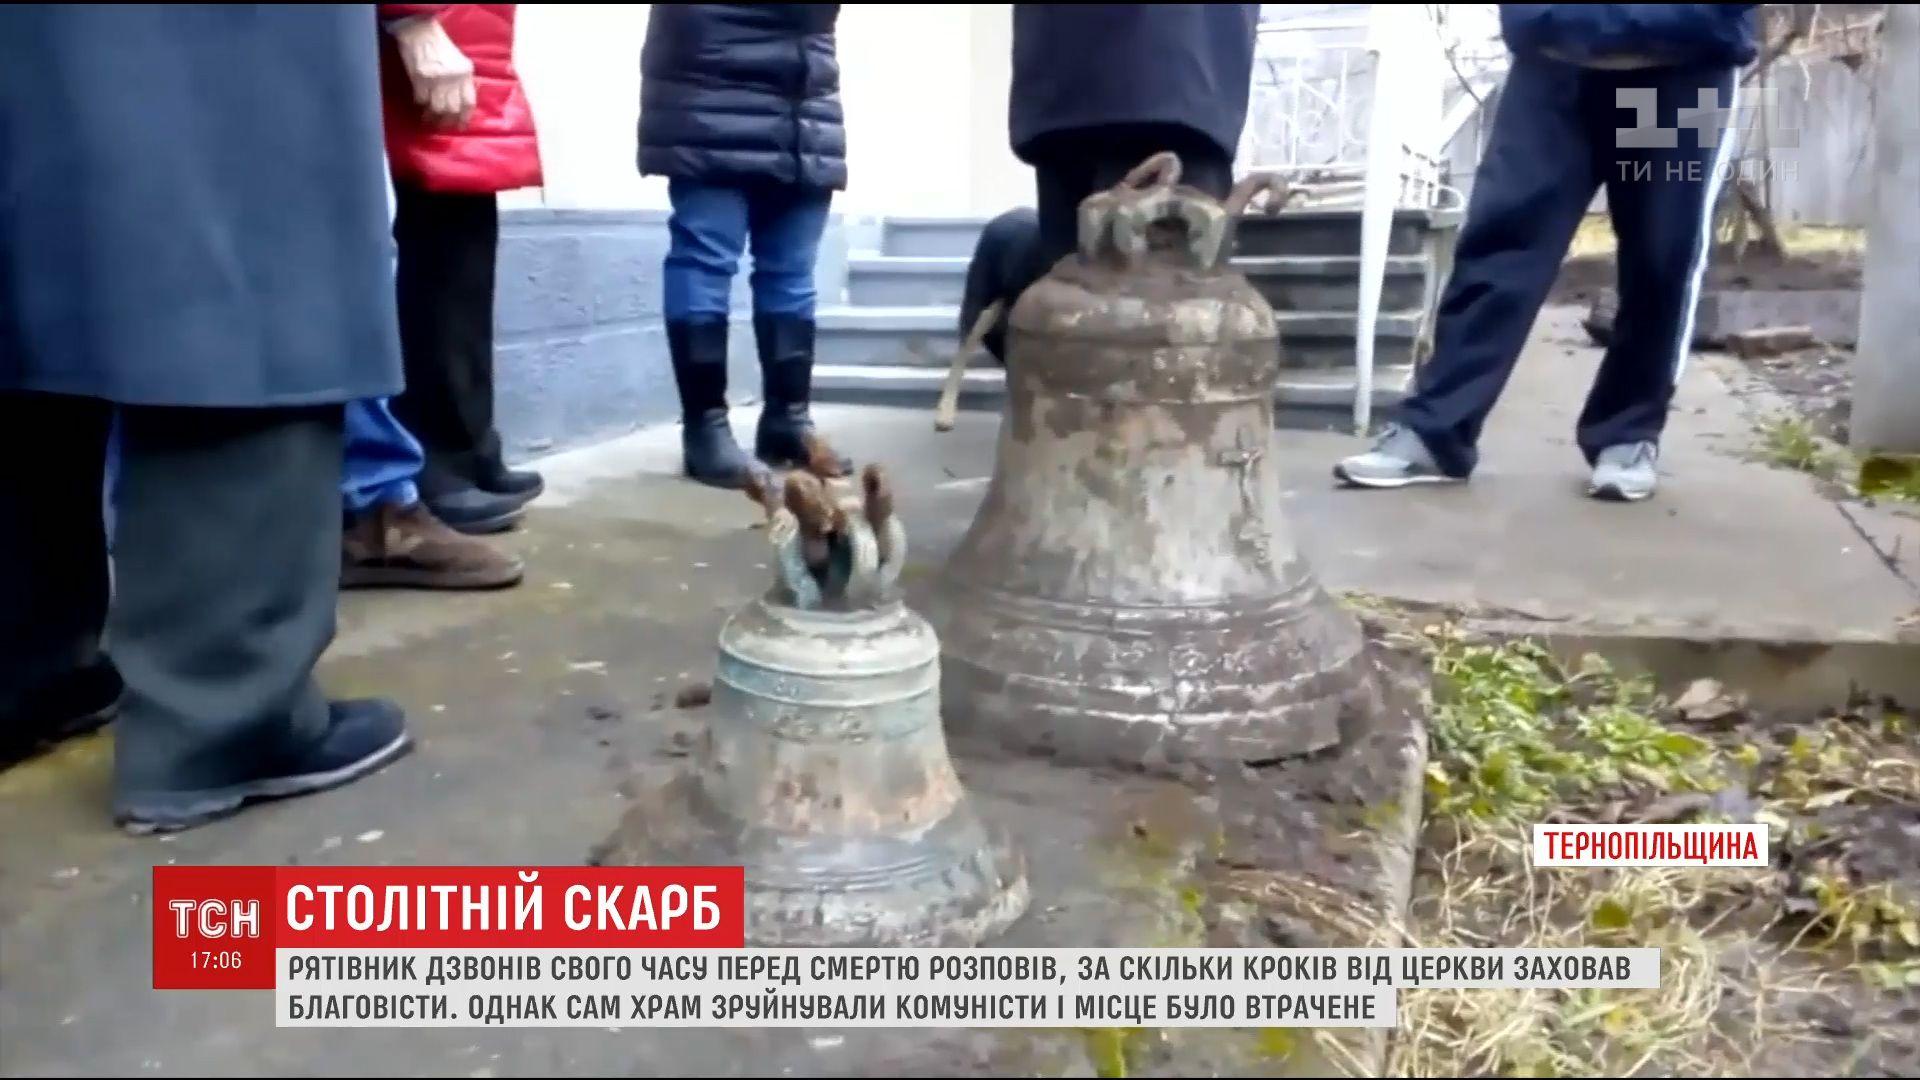 Жители поселка Коропец нашли в земле церковные колокола, закопанные во время Второй мировой /